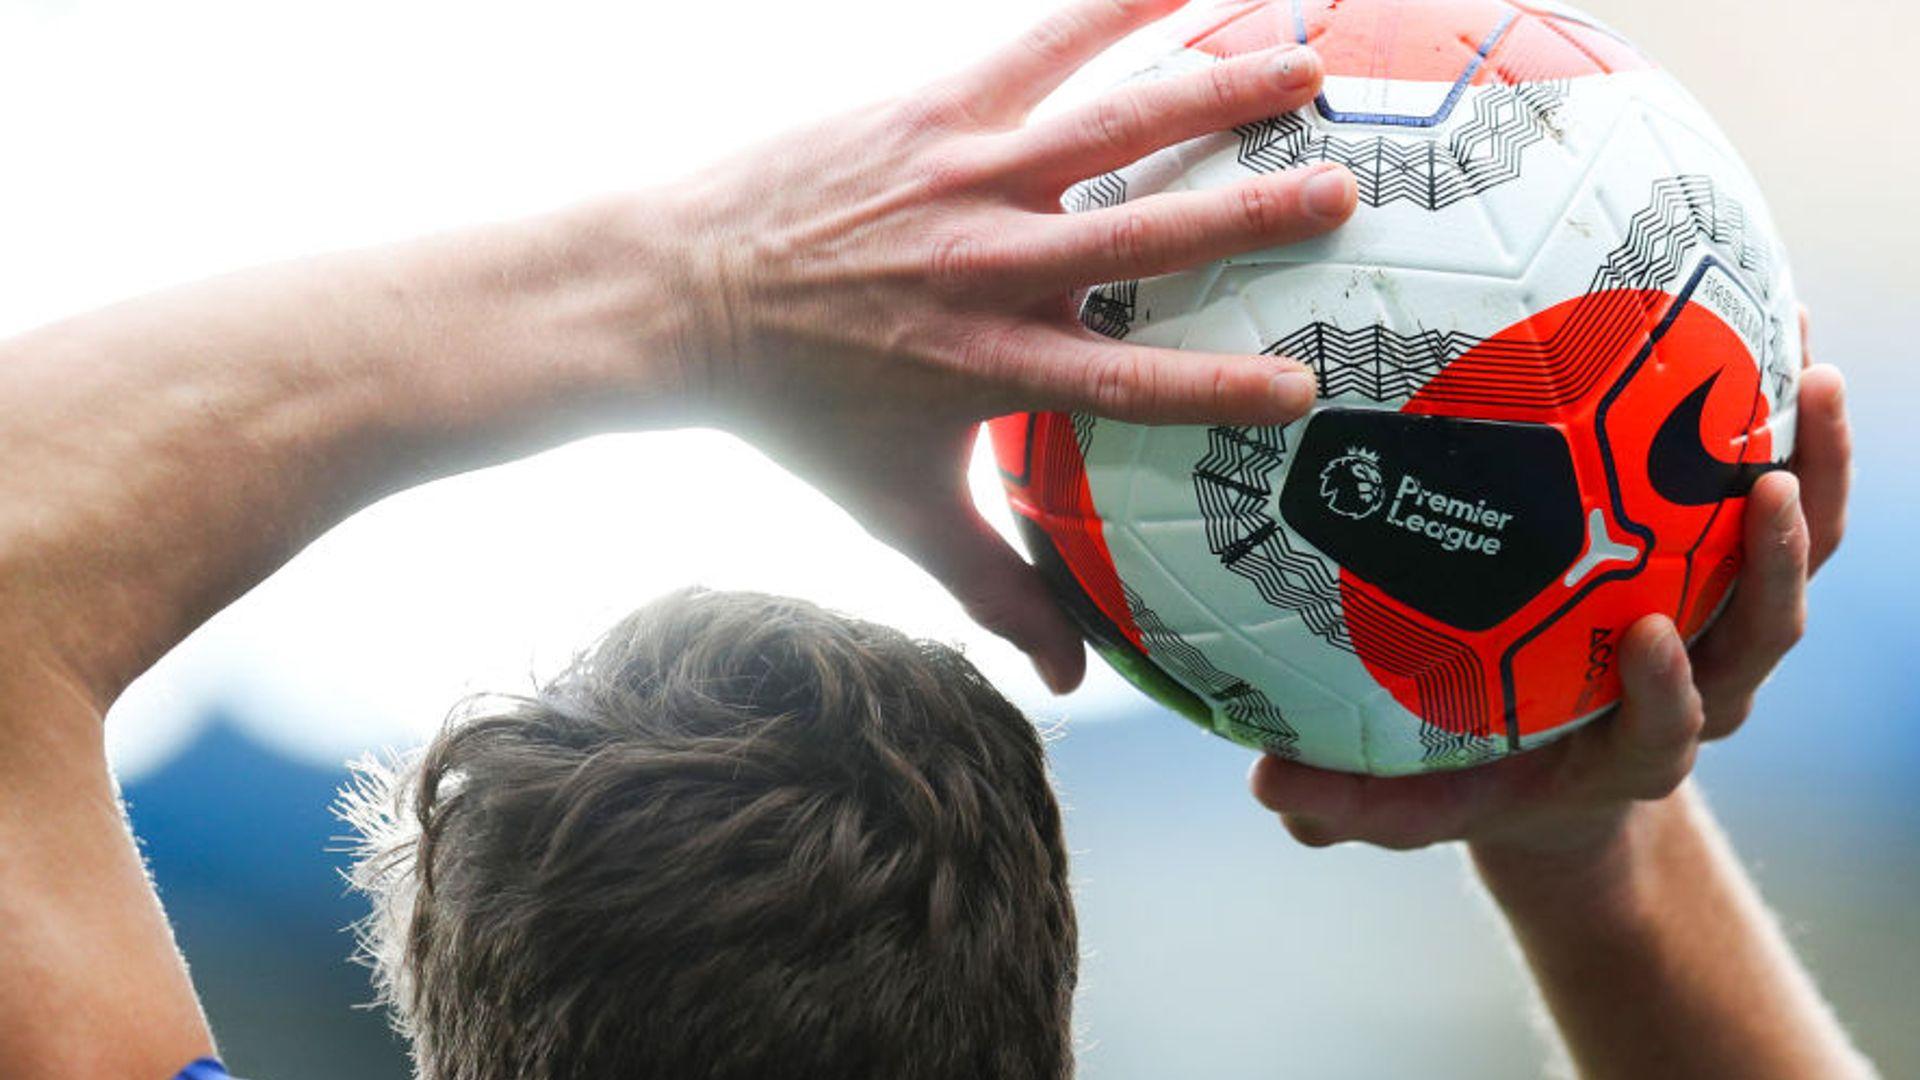 电讯报:英超俱乐部原则上同意部分比赛在中立场地举行